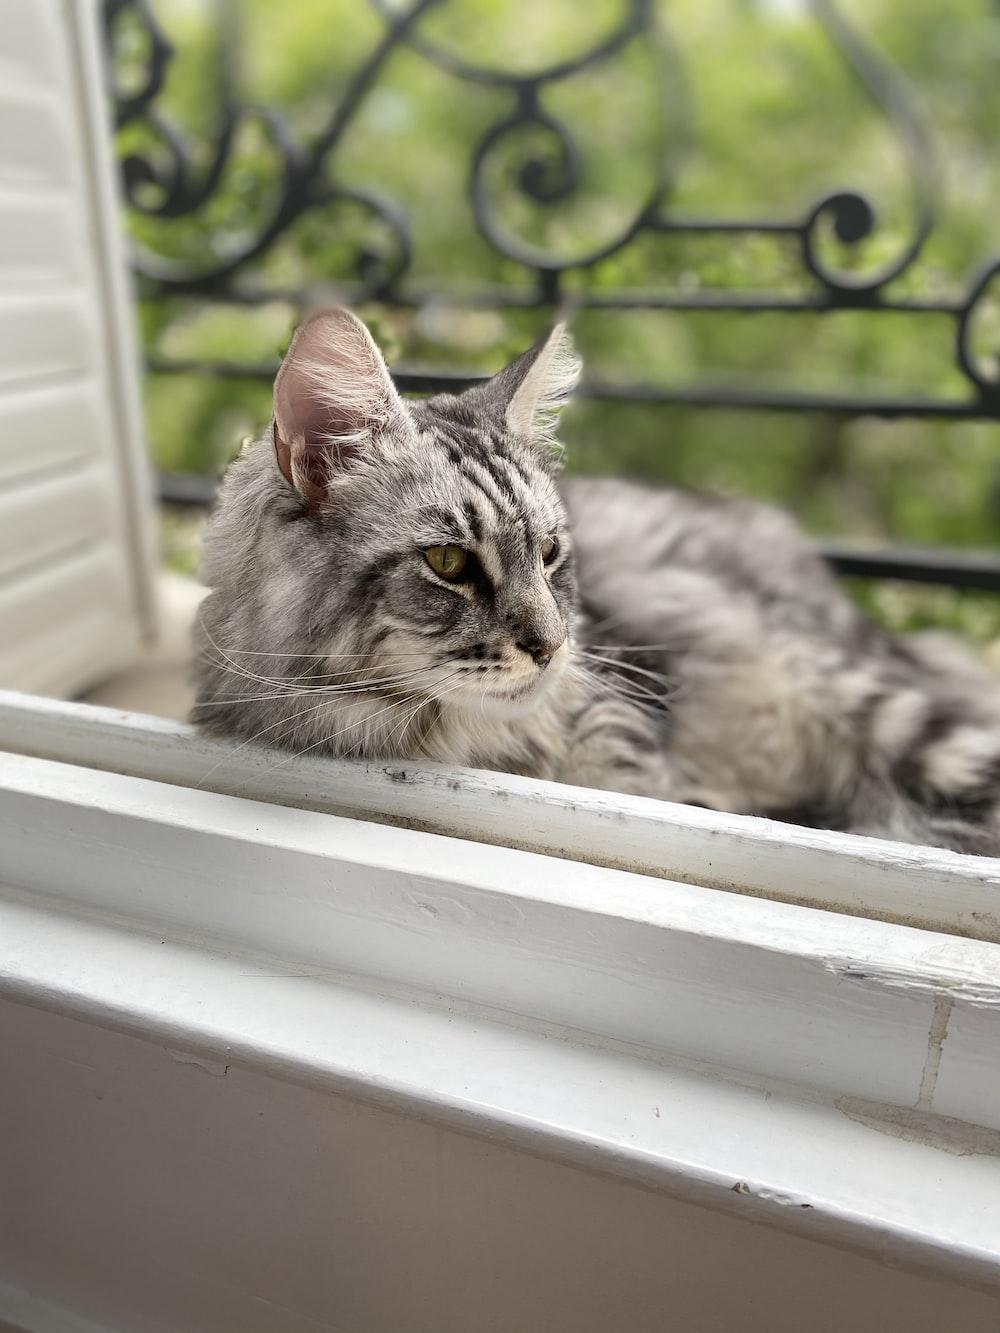 silver tabby cat on window